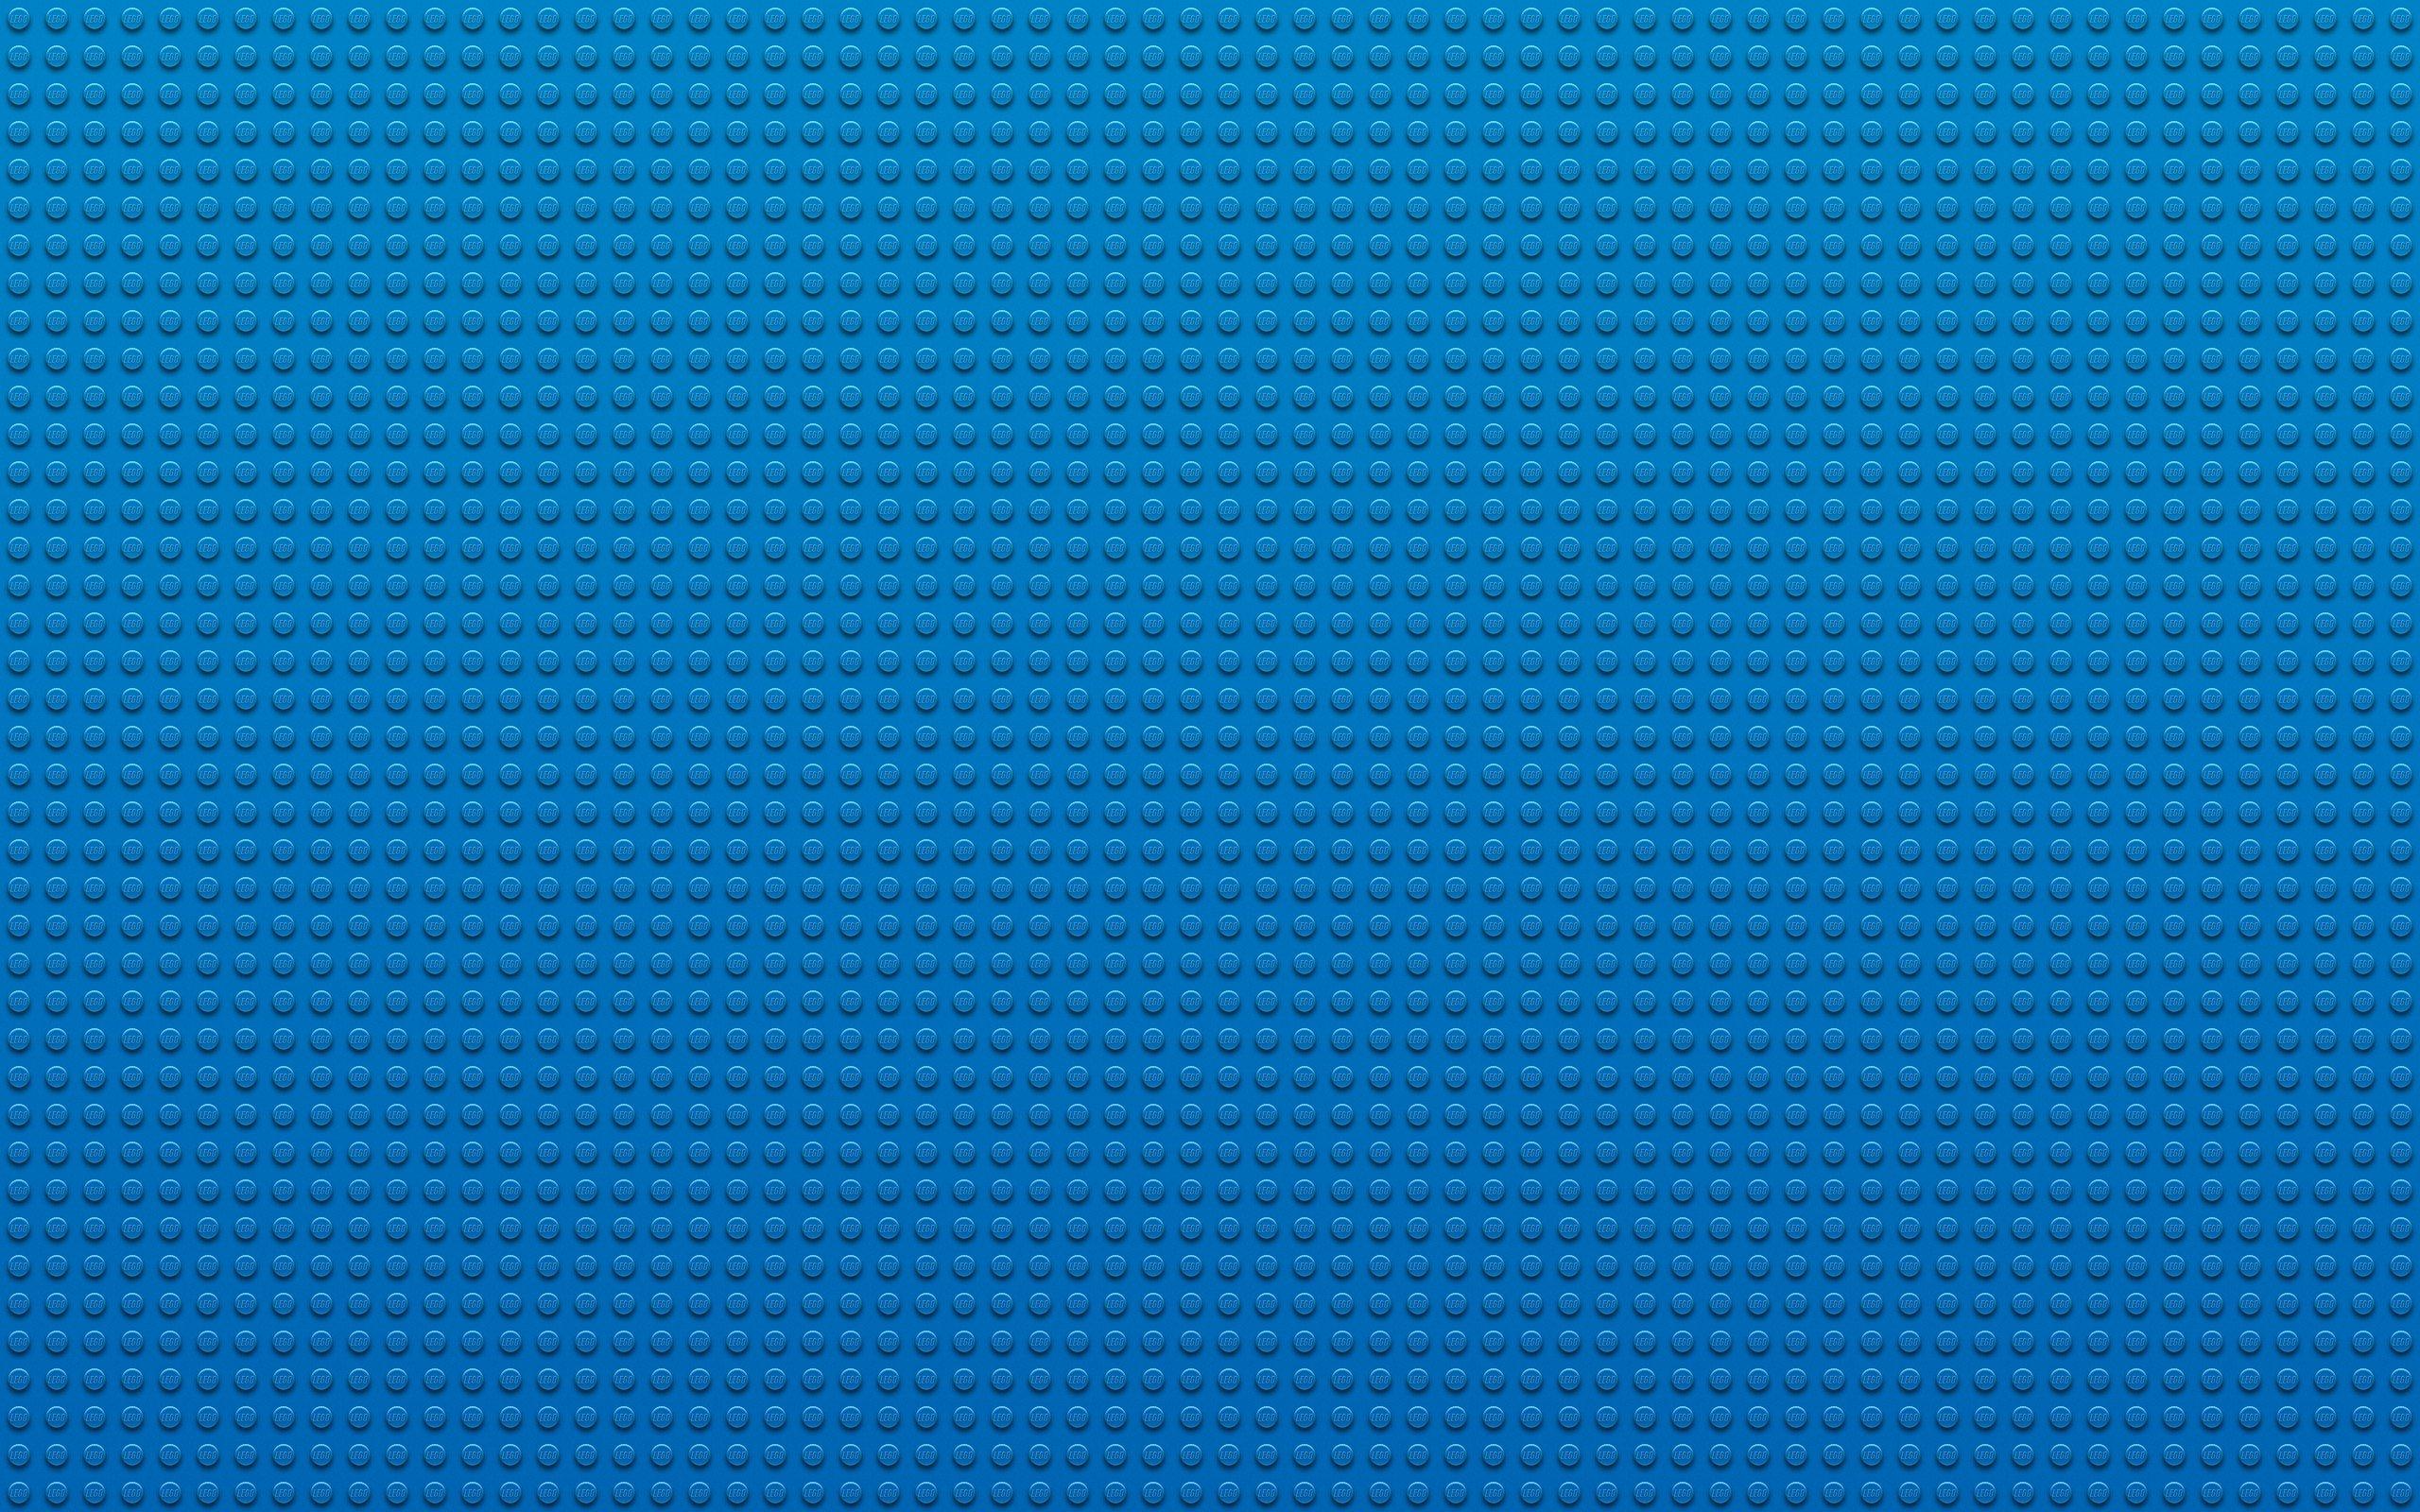 Wallpaper LEGO blue texture